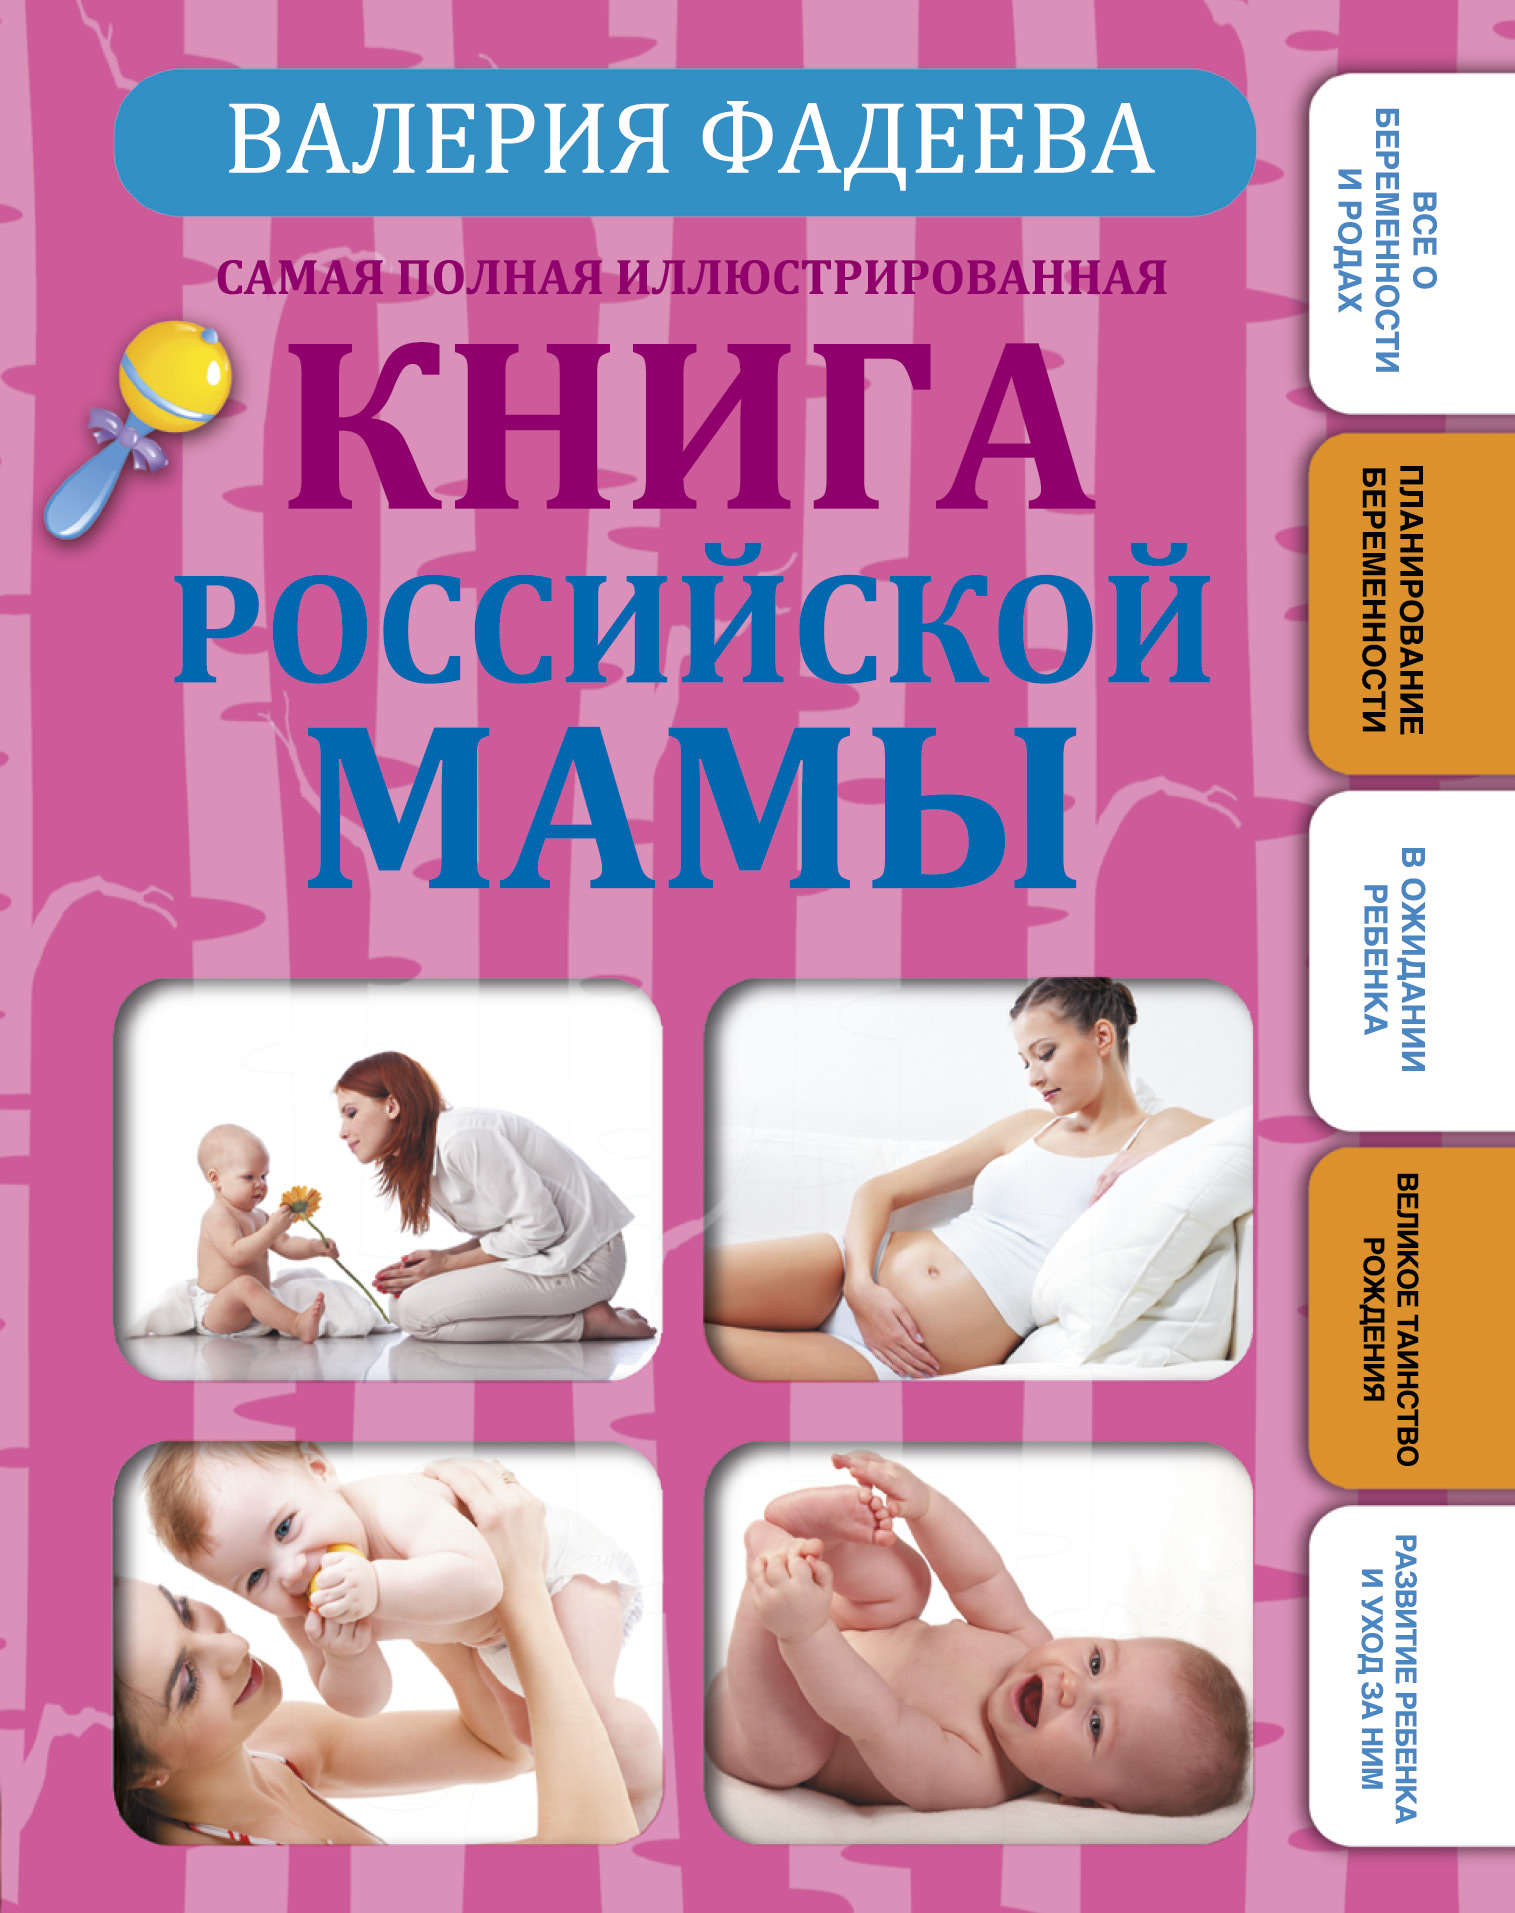 Валерия Фадеева Самая полная иллюстрированная книга российской мамы в борисов самая загадочная книга